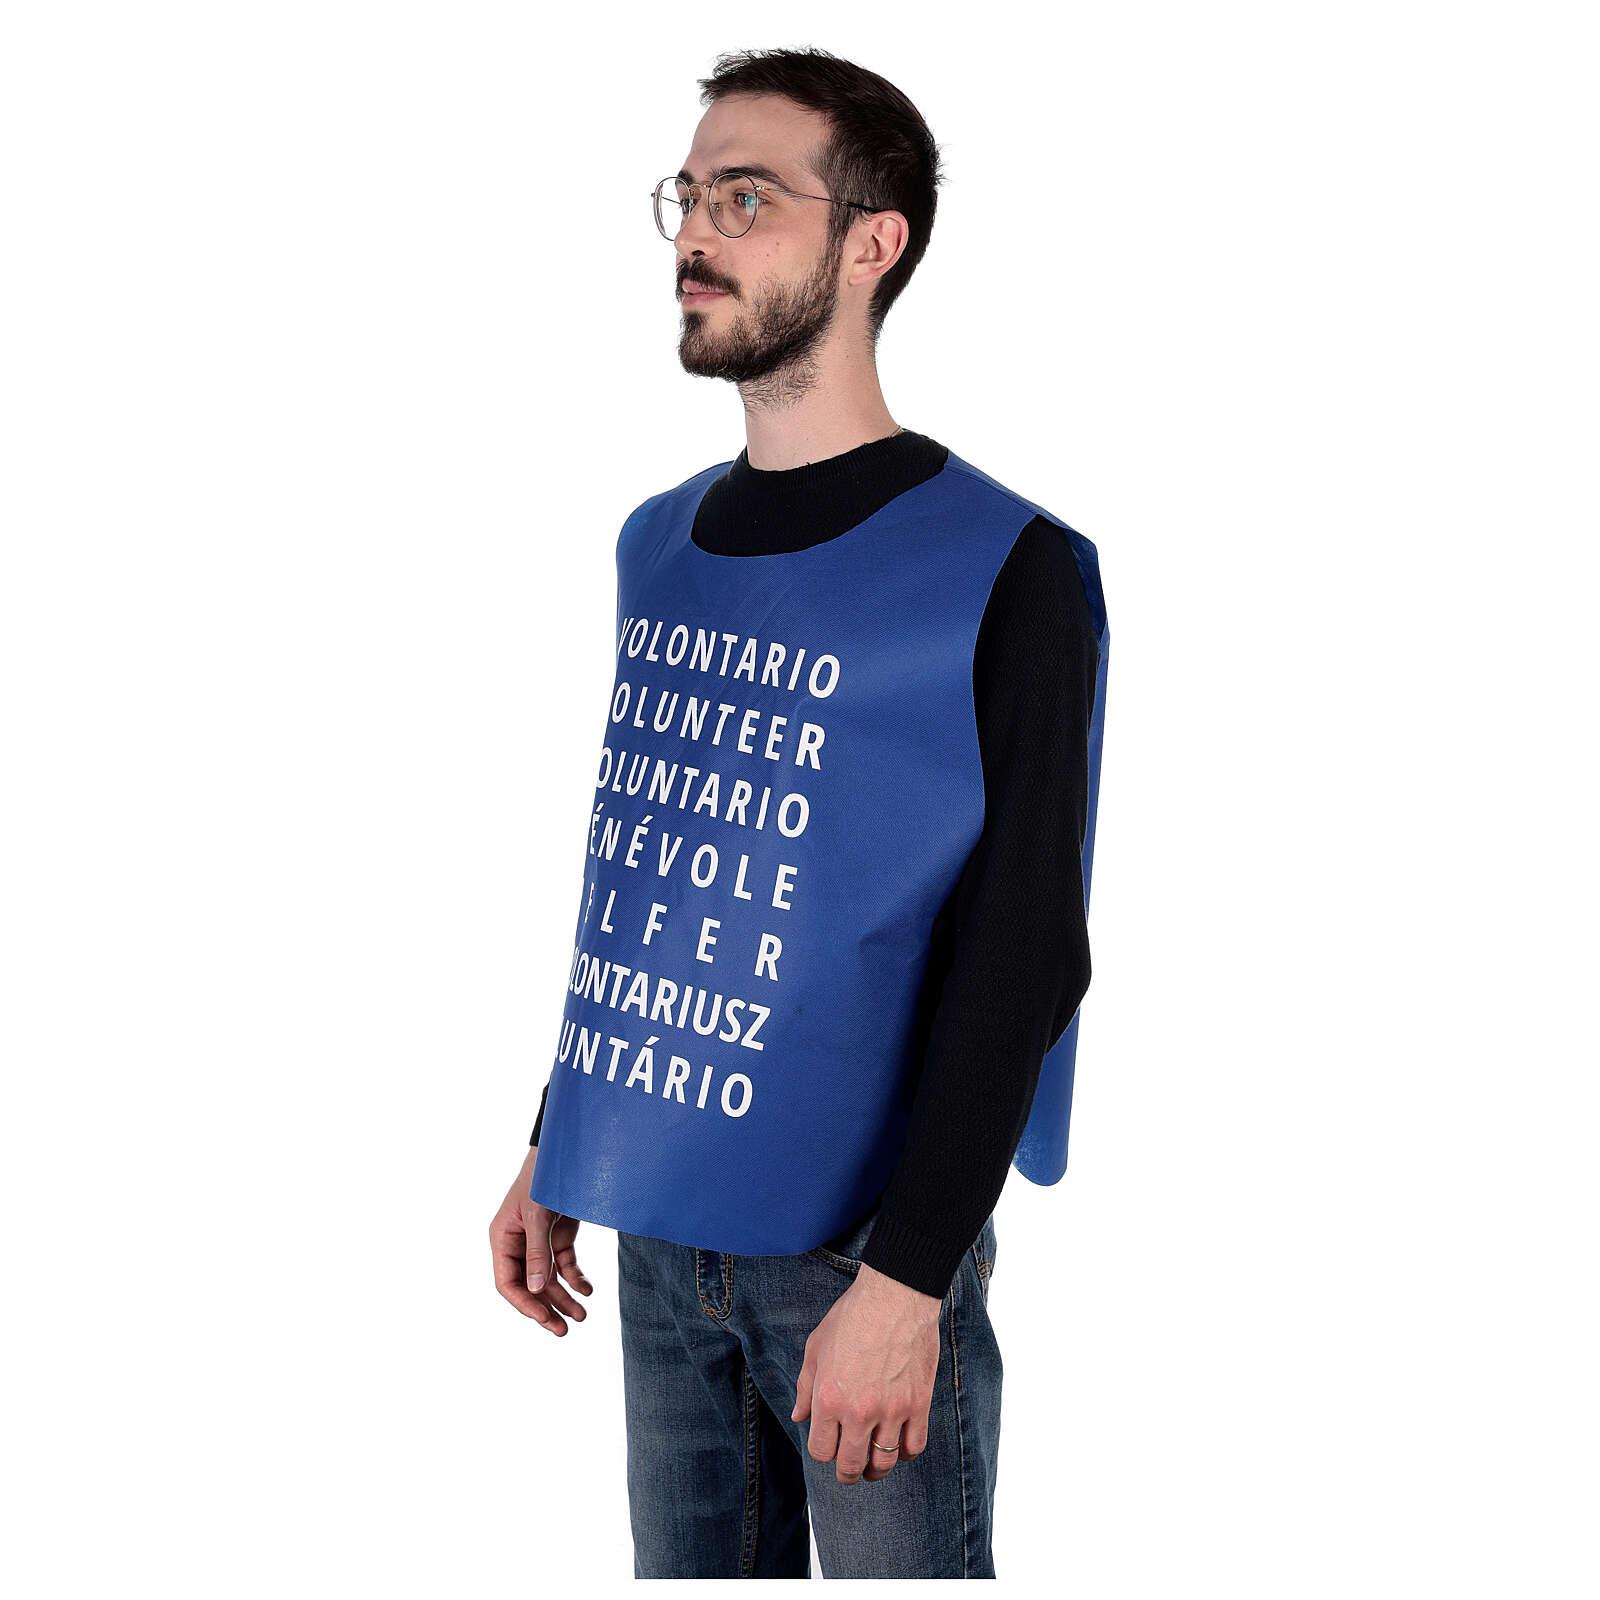 Unisex bib for parish volunteers in polyester fabric 3